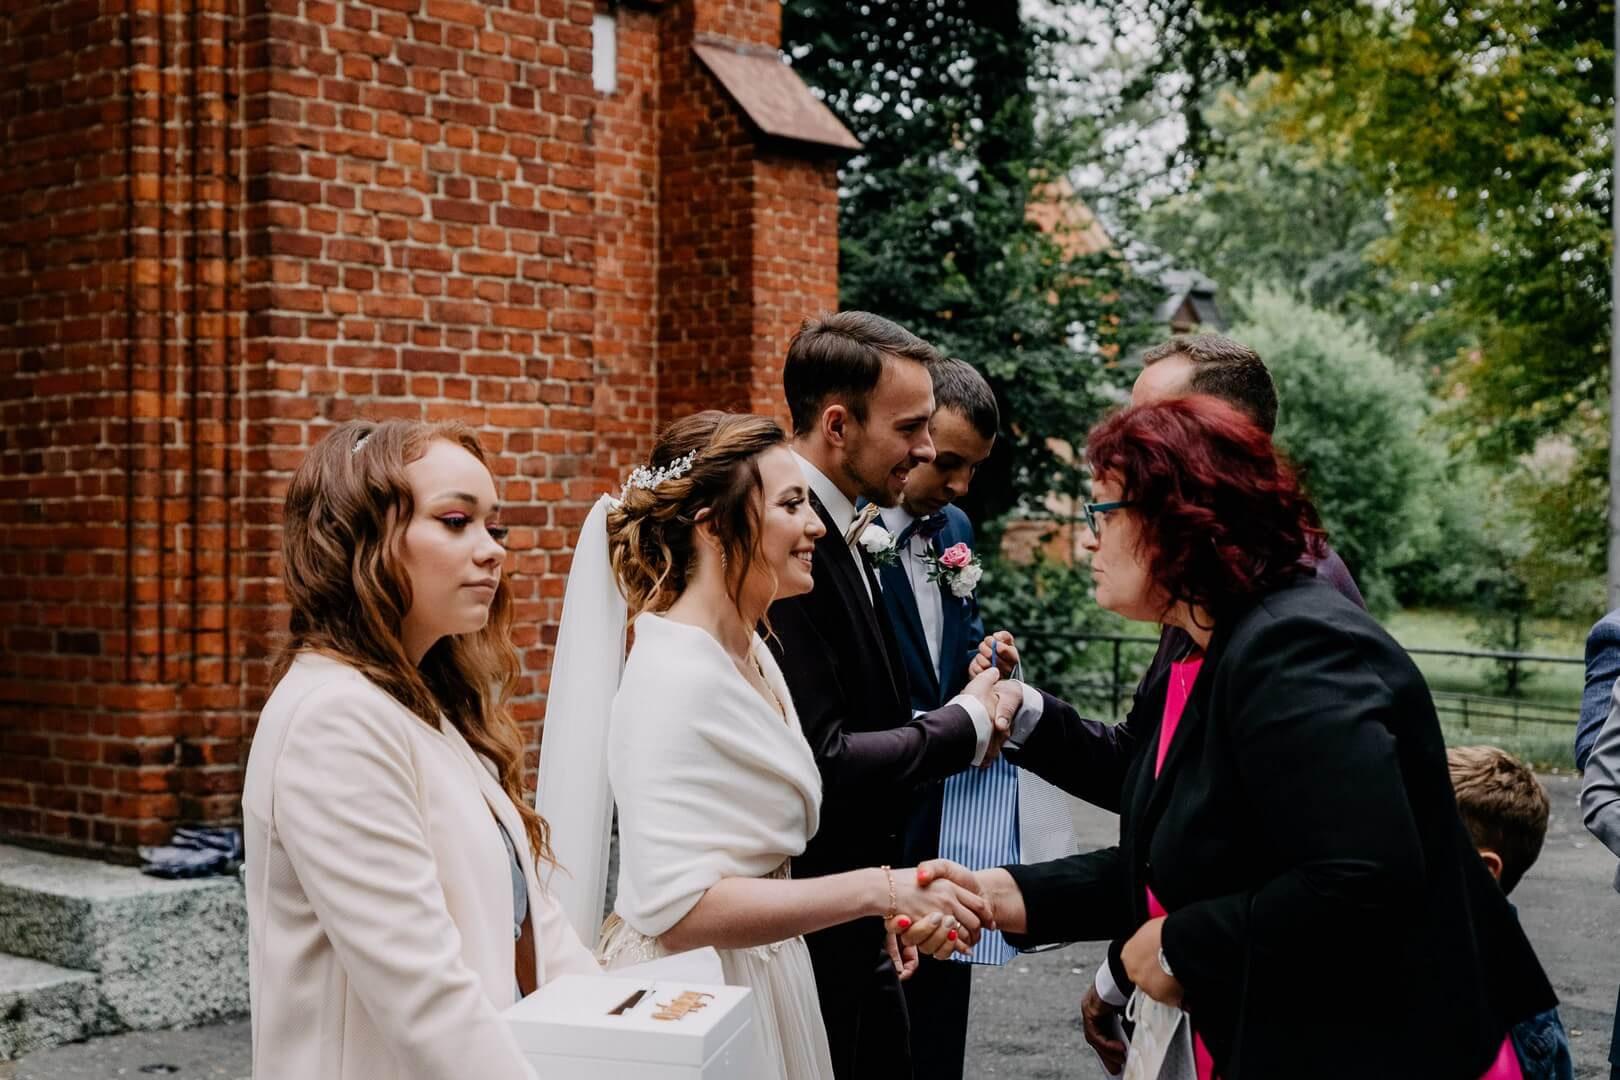 Zdjęcia grupowe na weselu. fotograf Szpakowicz Aleksander Gdańsk, Trójmiasto - szpakowicz-studio.pl 3